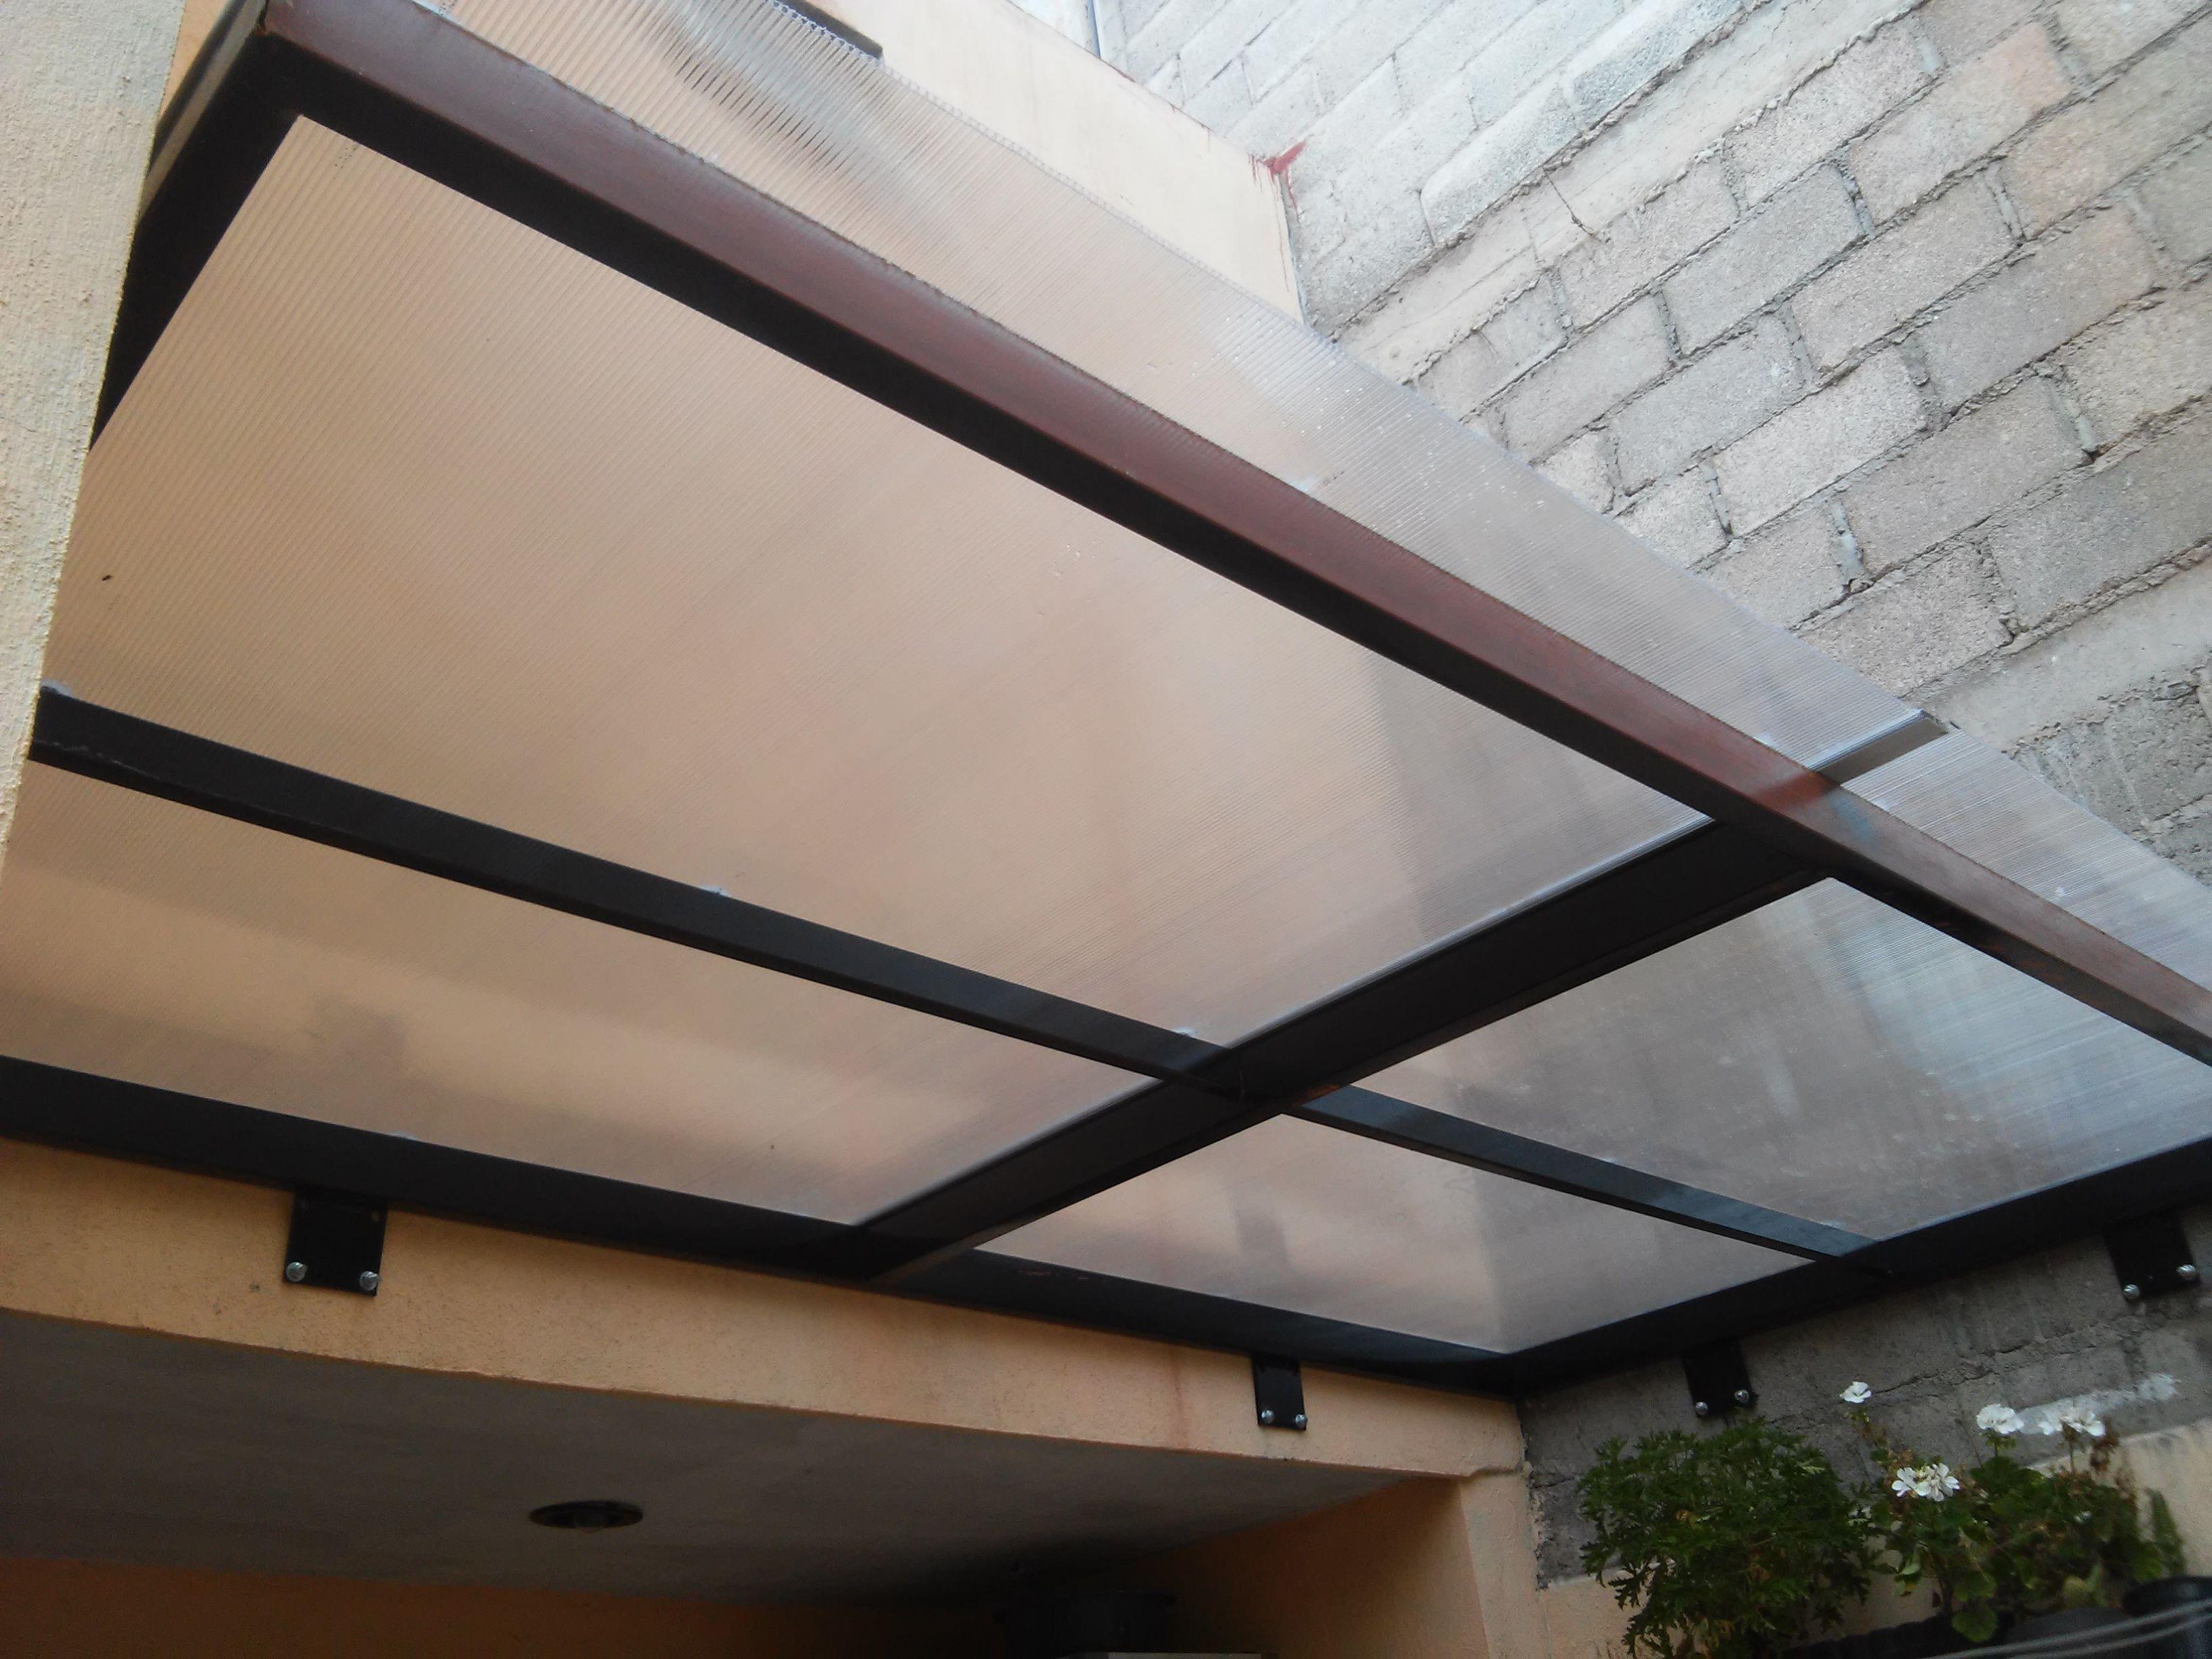 Domo de policarbonato lomas del convento mis trabajos for Techo policarbonato transparente